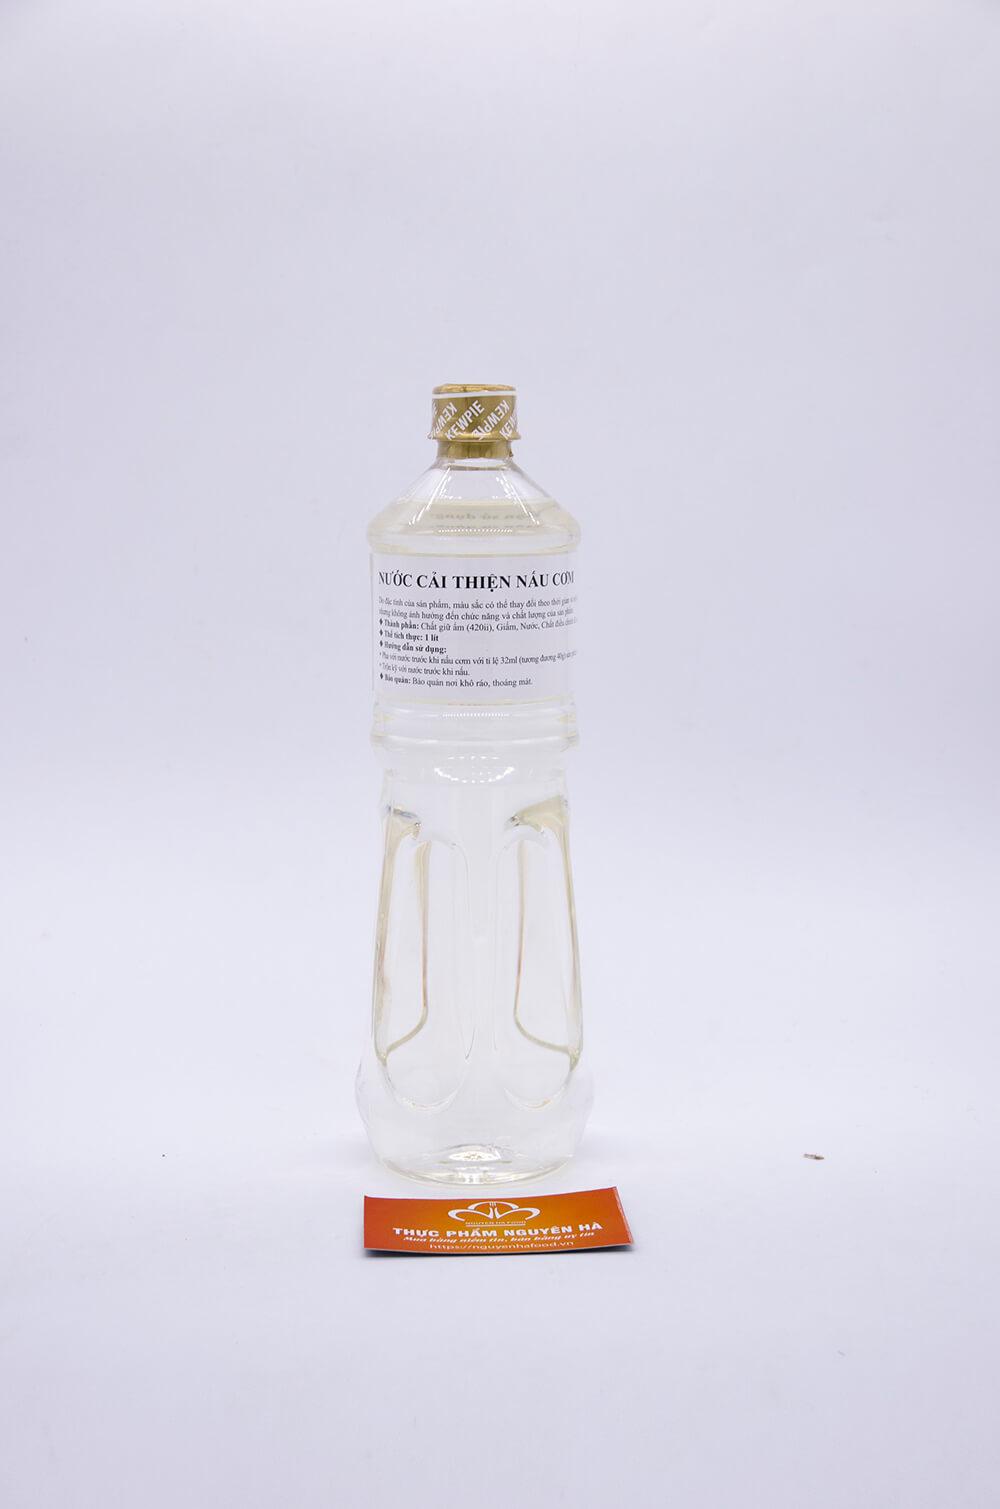 Nước cải thiện nấu cơm Kewpie